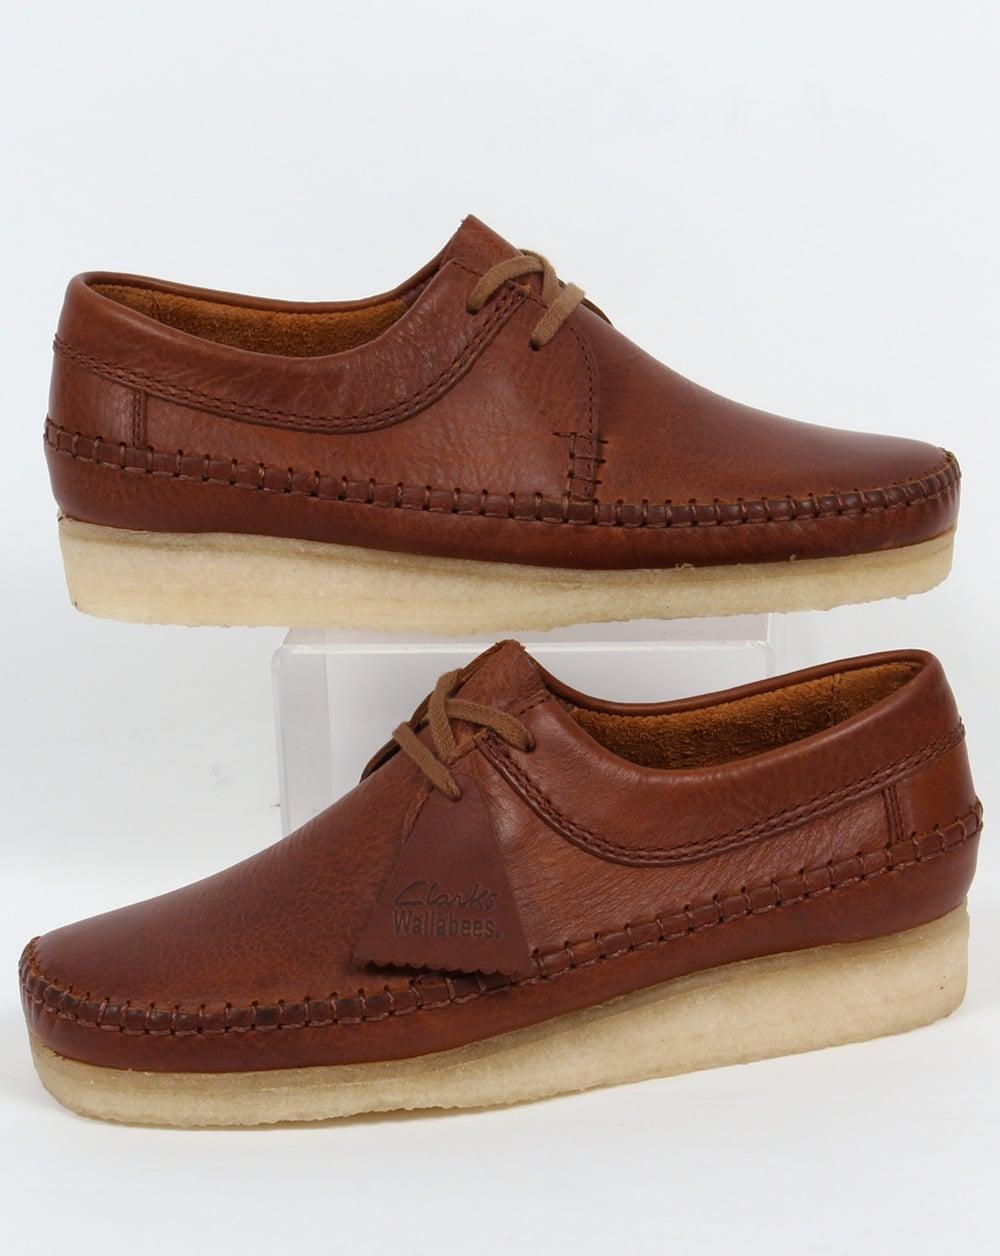 Clarks Originals Weaver Shoes Tan Leather